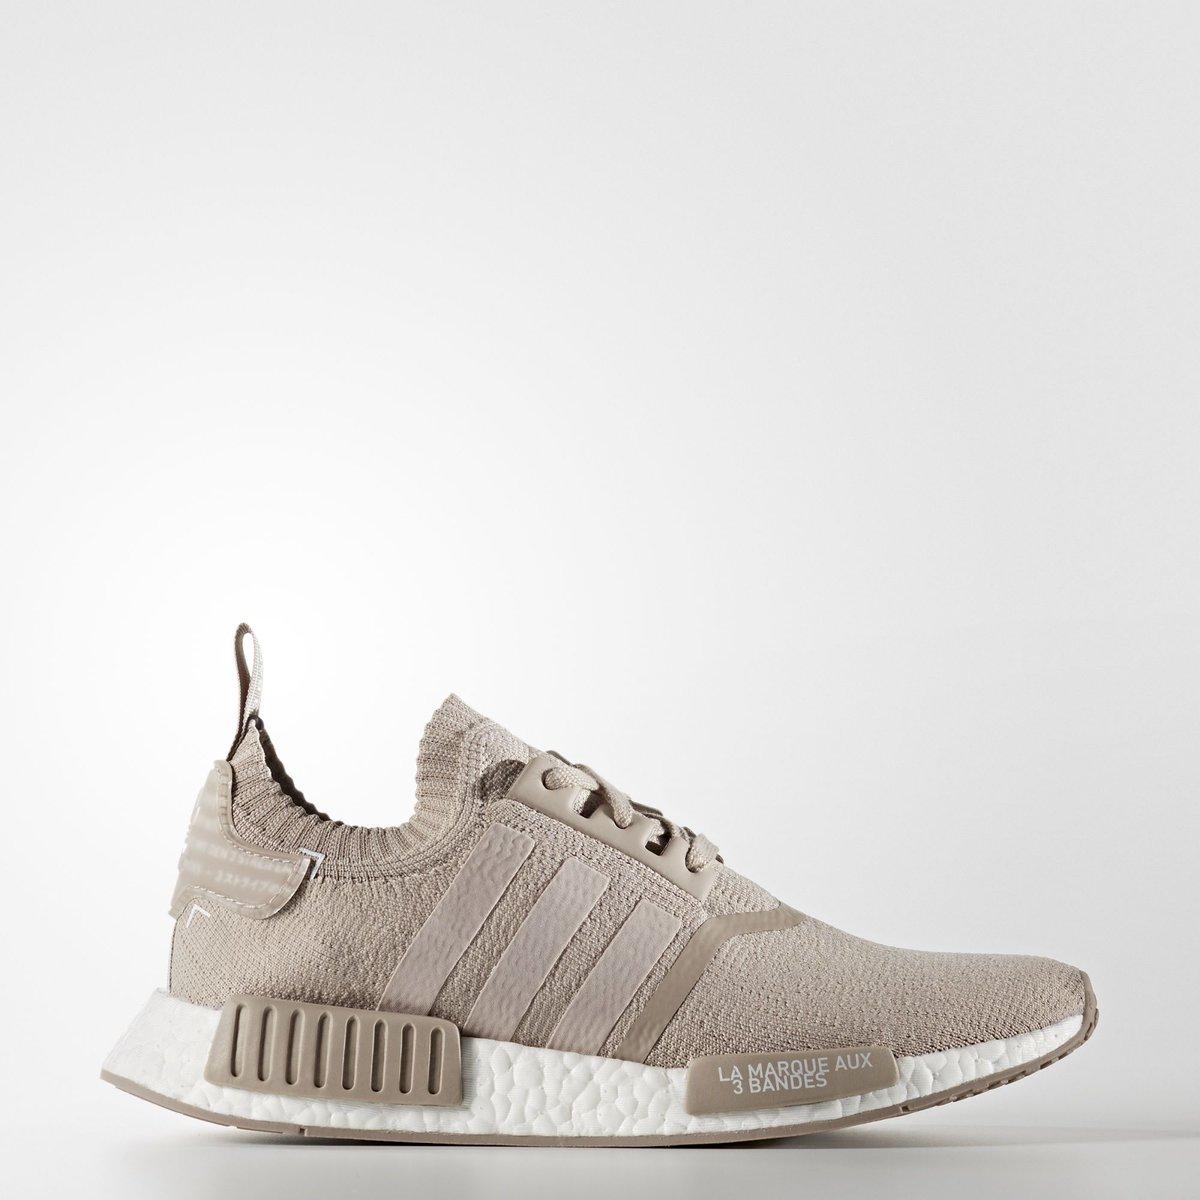 Nmd Adidas Vapour Grey